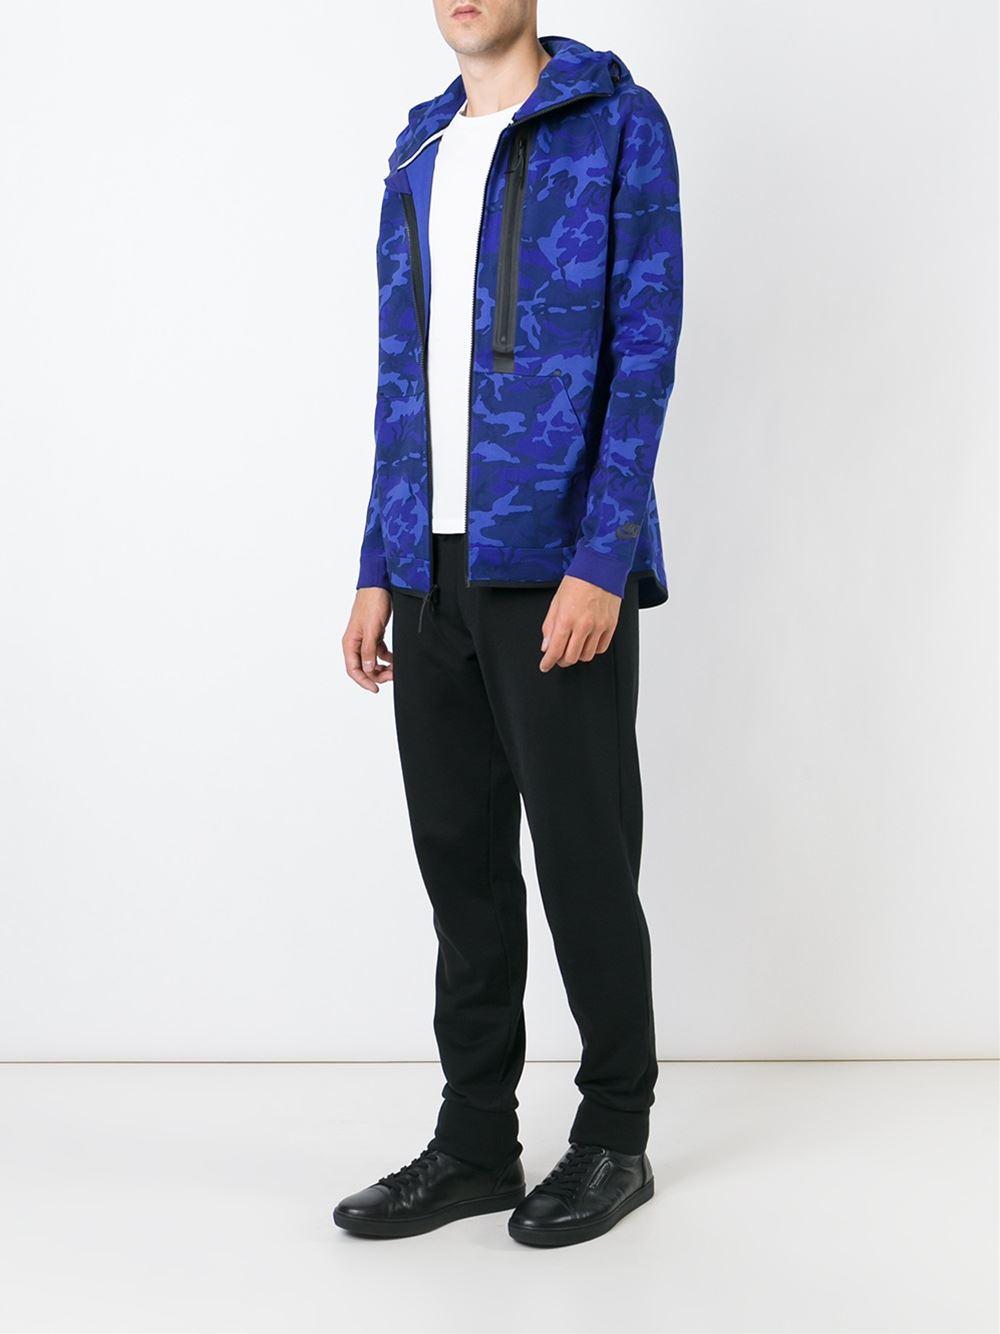 Lyst - Nike  tech Fleece  Hoodie in Blue for Men 2e241d80b07b